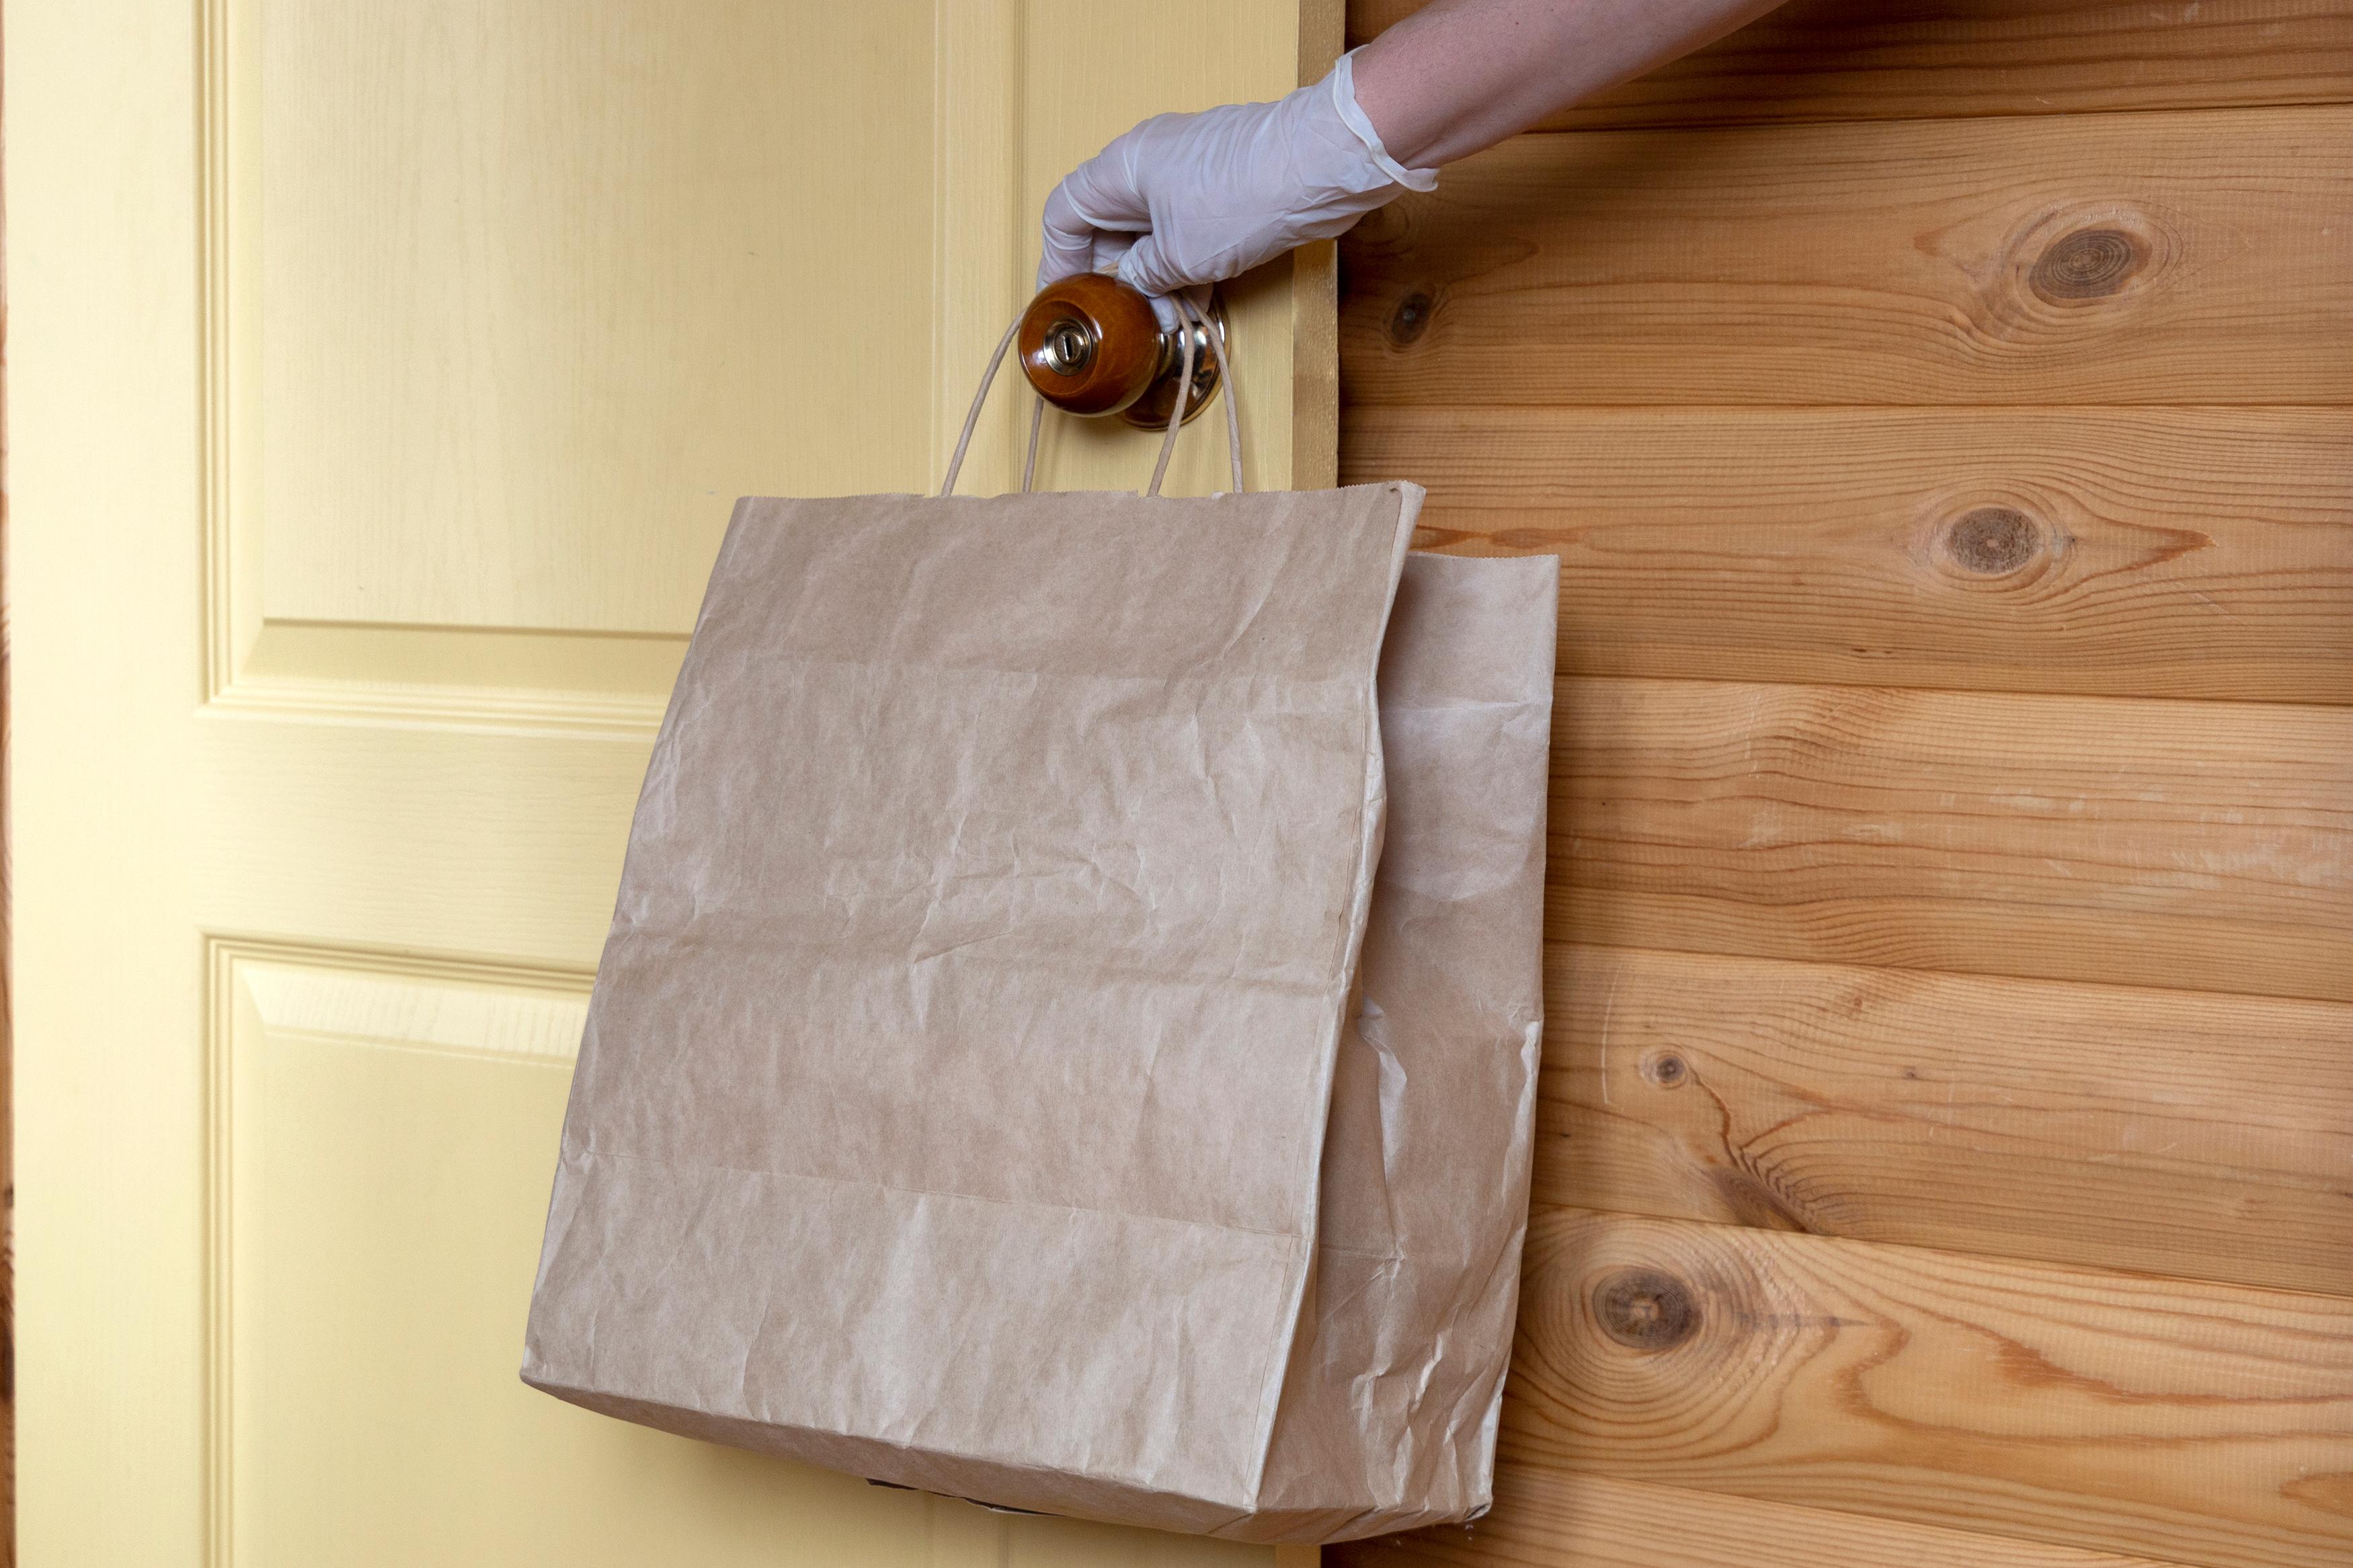 cleaning doorknob